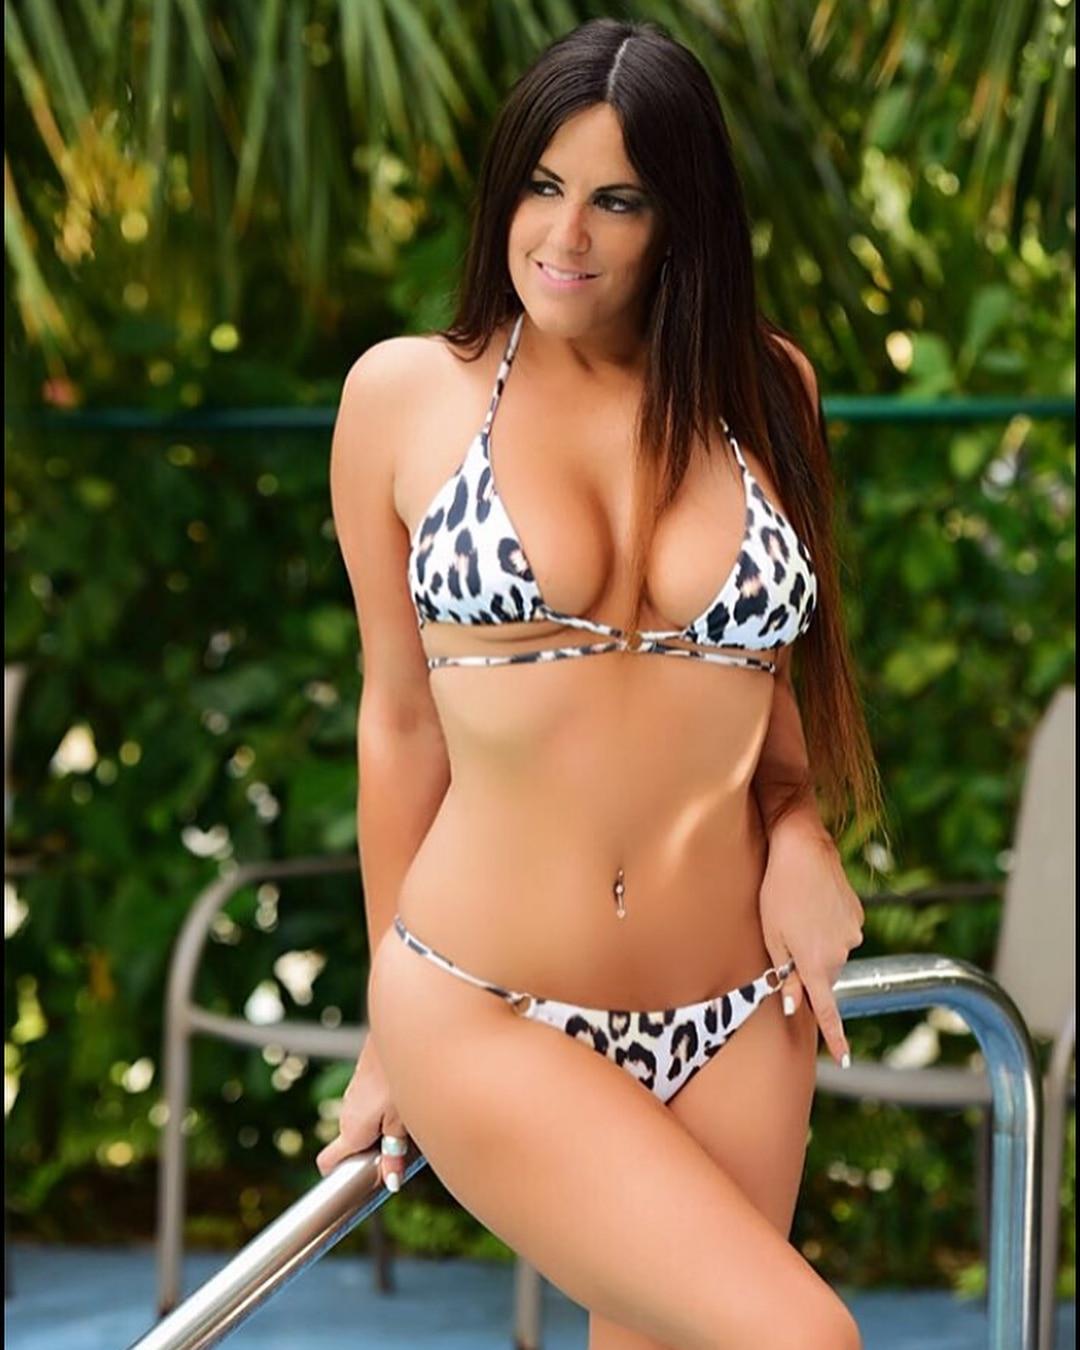 Claudia Romani Looks Smoking Hot in Bikini Look